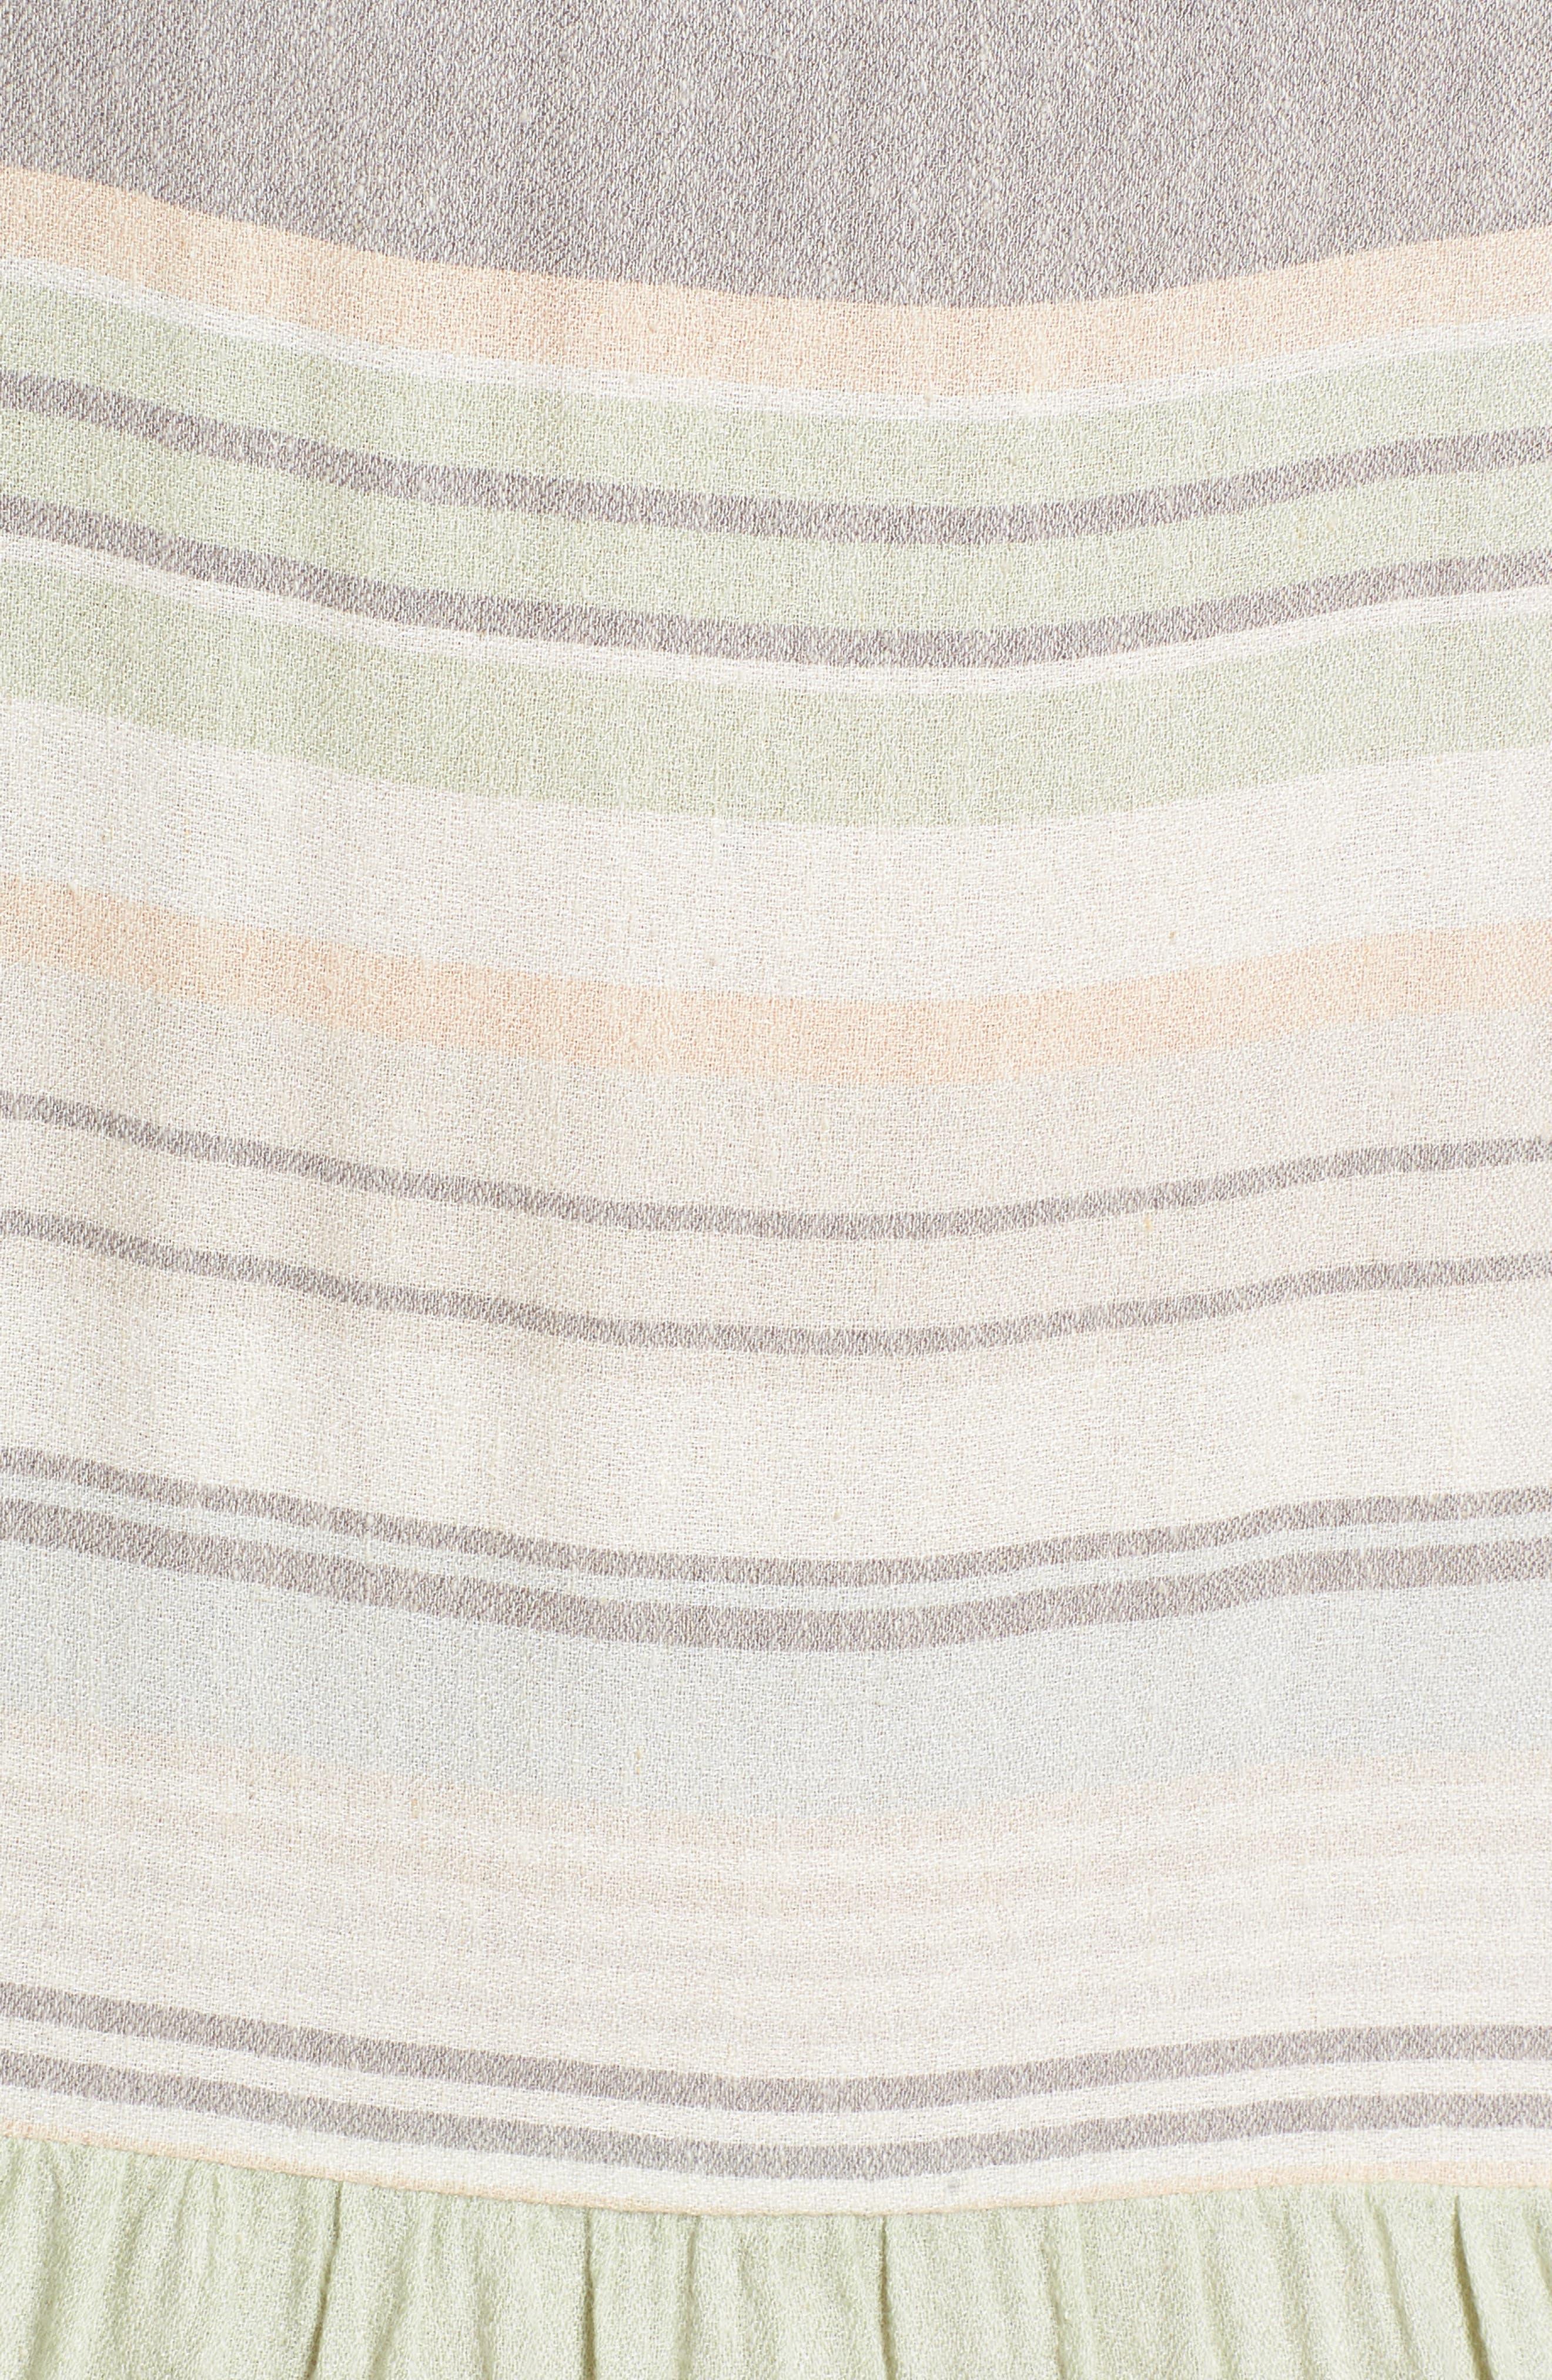 Multi Stripe Woven Maxi Dress,                             Alternate thumbnail 5, color,                             330